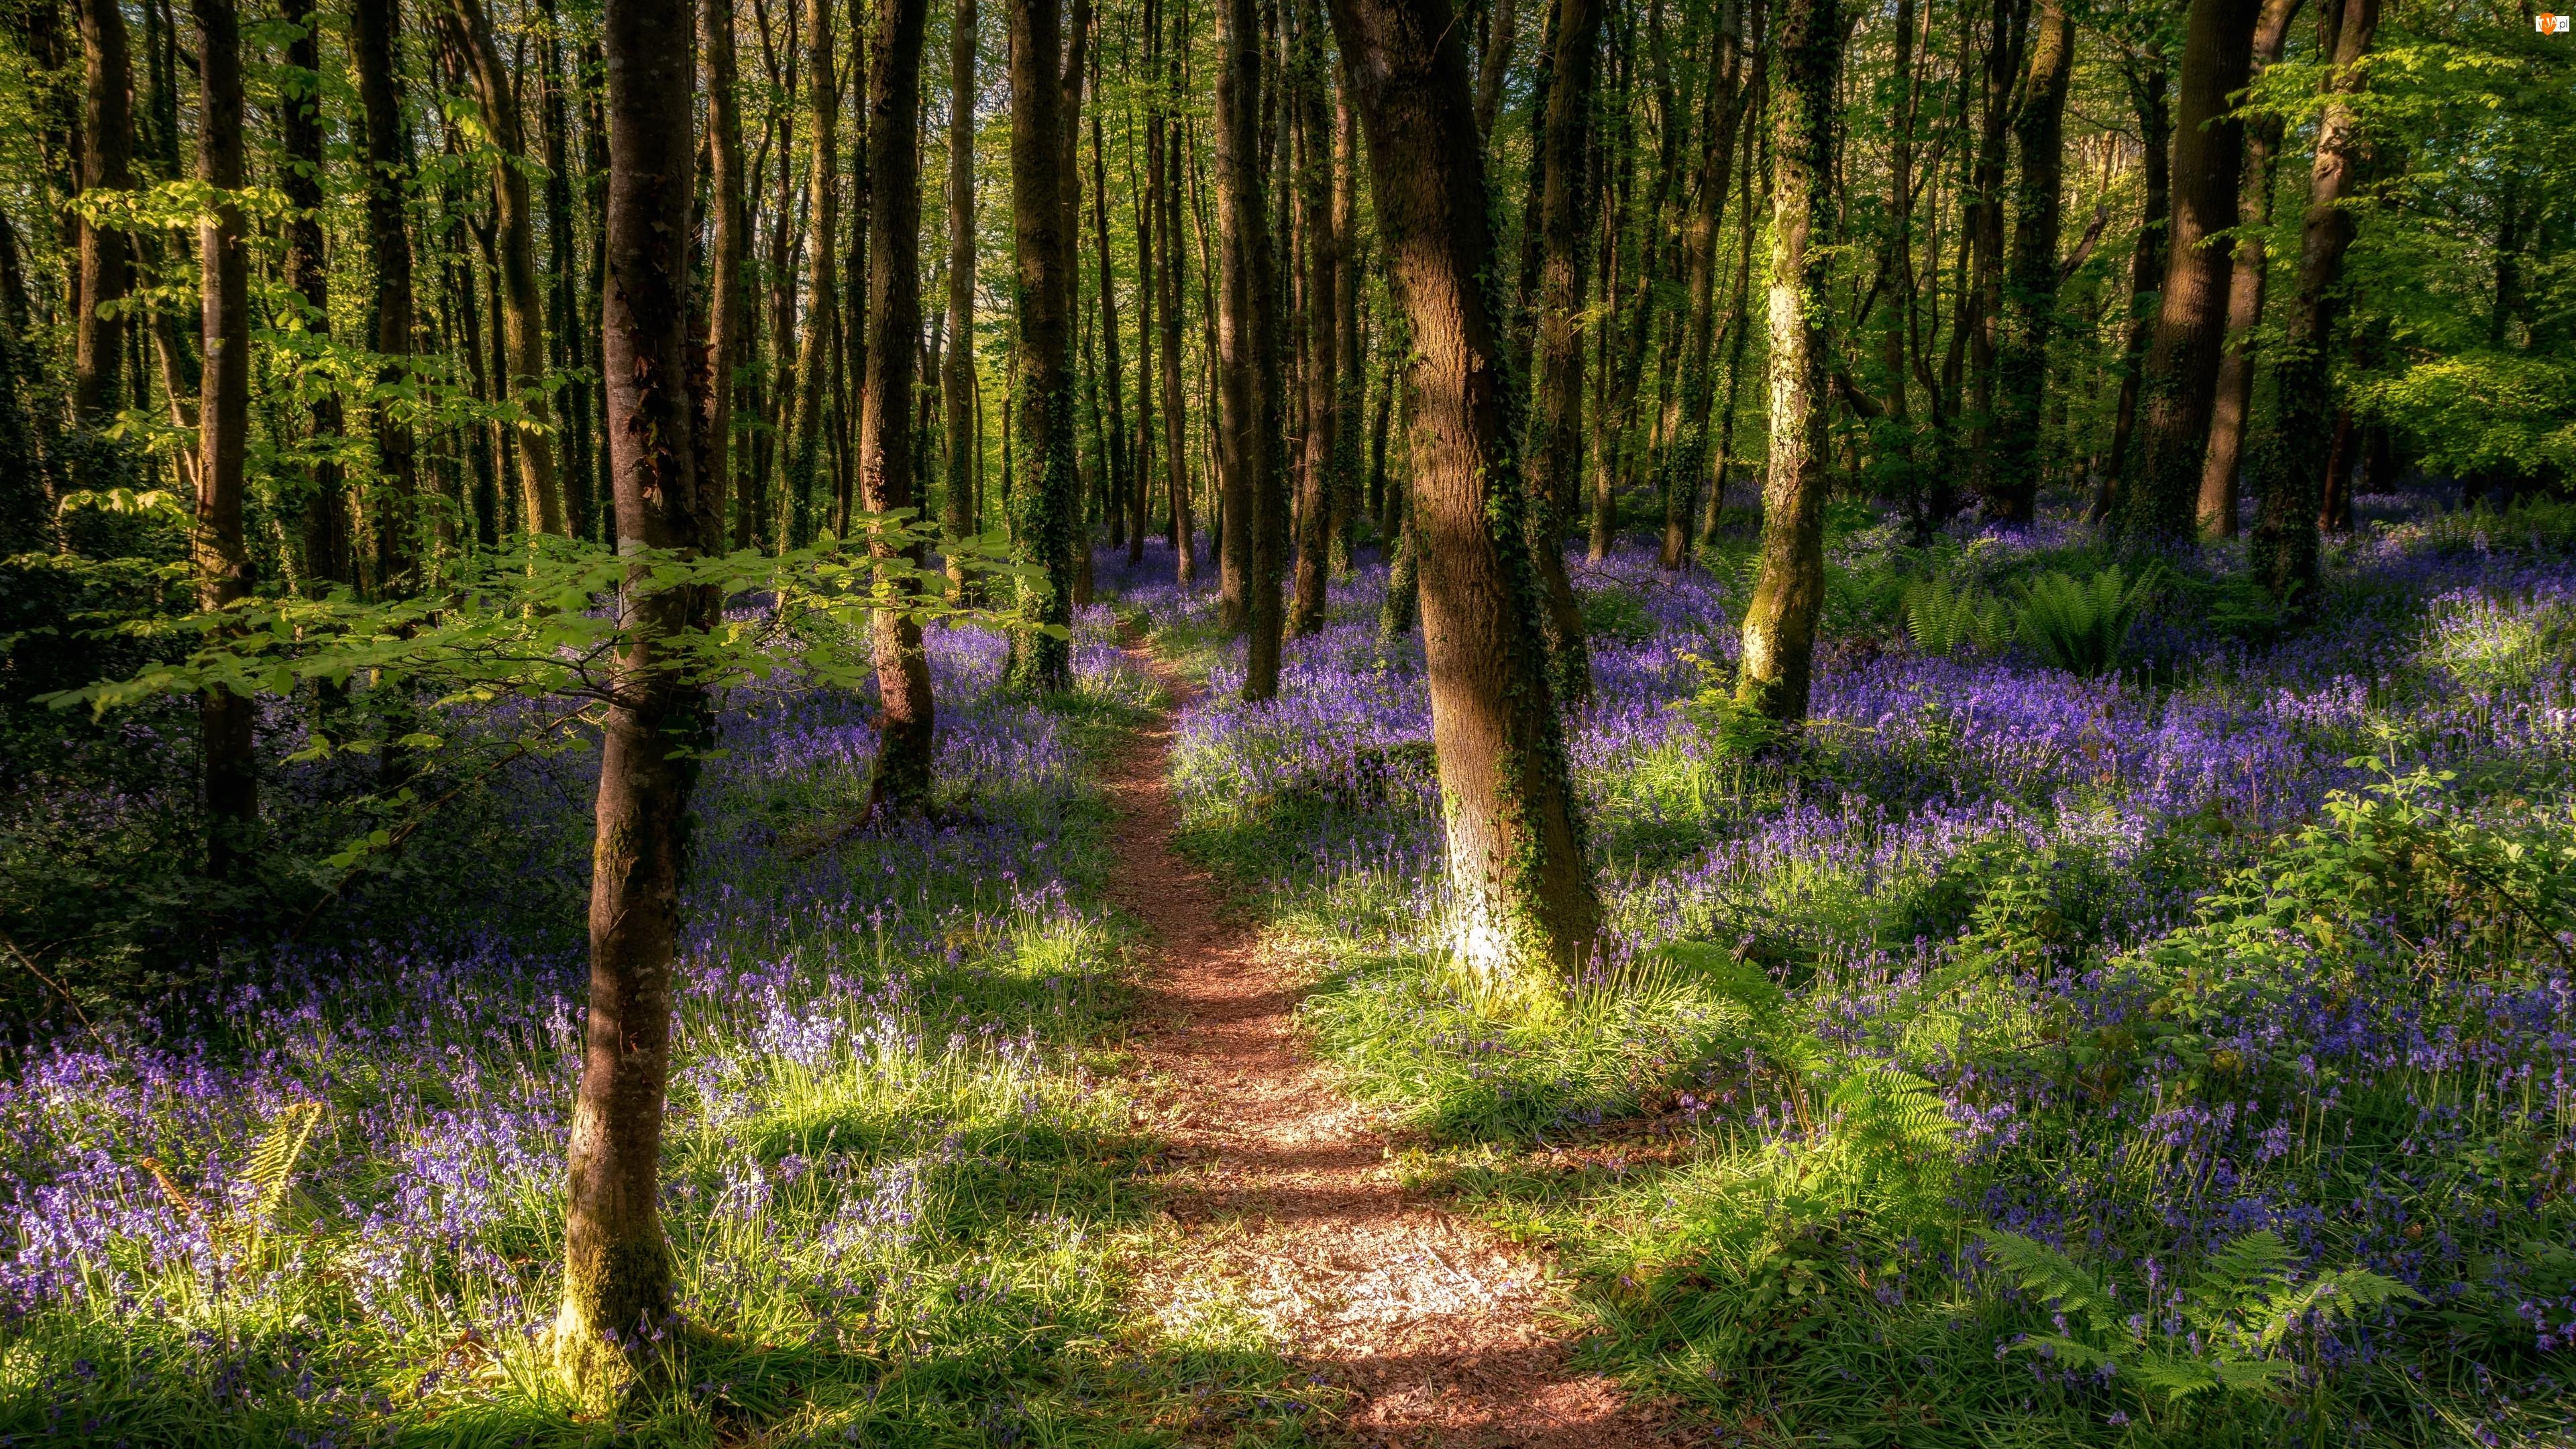 Ścieżka, Wiosna, Drzewa, Las, Kwiaty